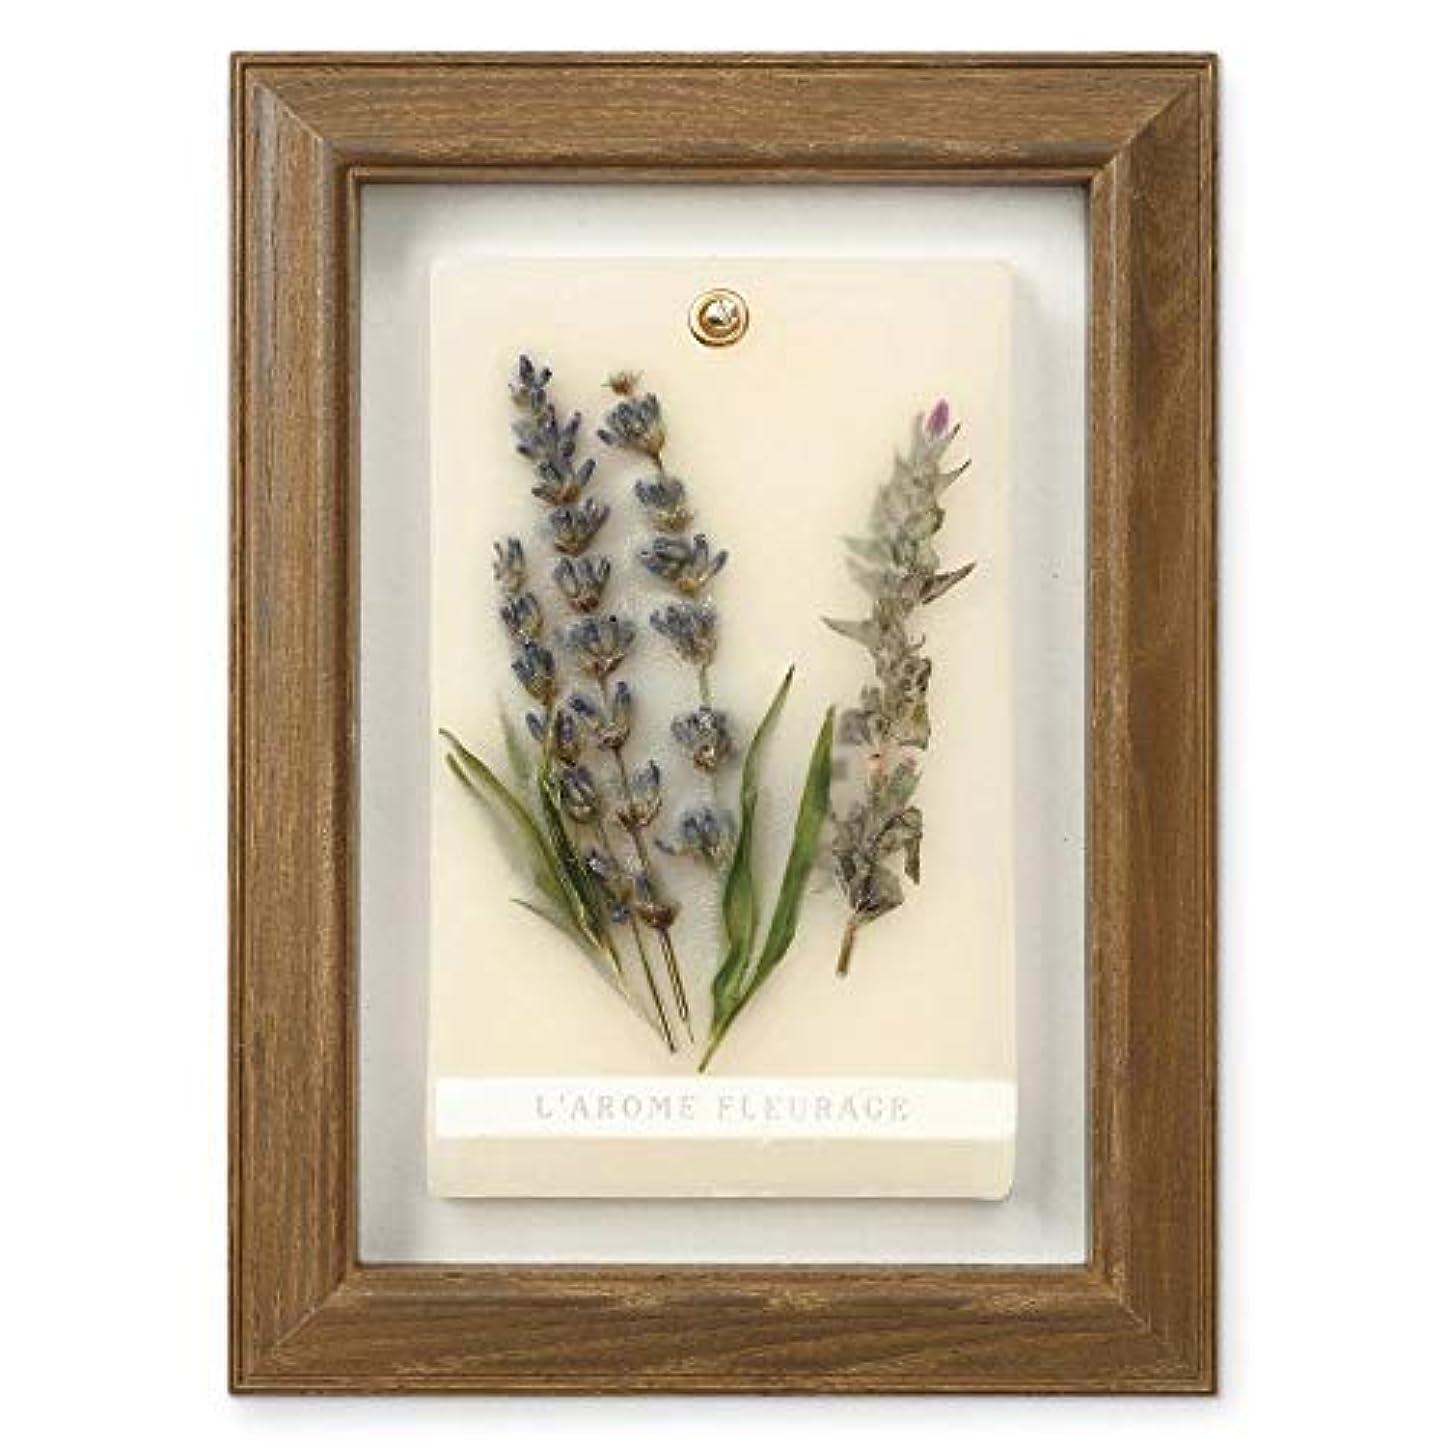 便利ロッド自然FLEURAGE(フルラージュ) アロマワックスサシェ ラベンダーの香り Lavender×AntiqueBrown KH-61119